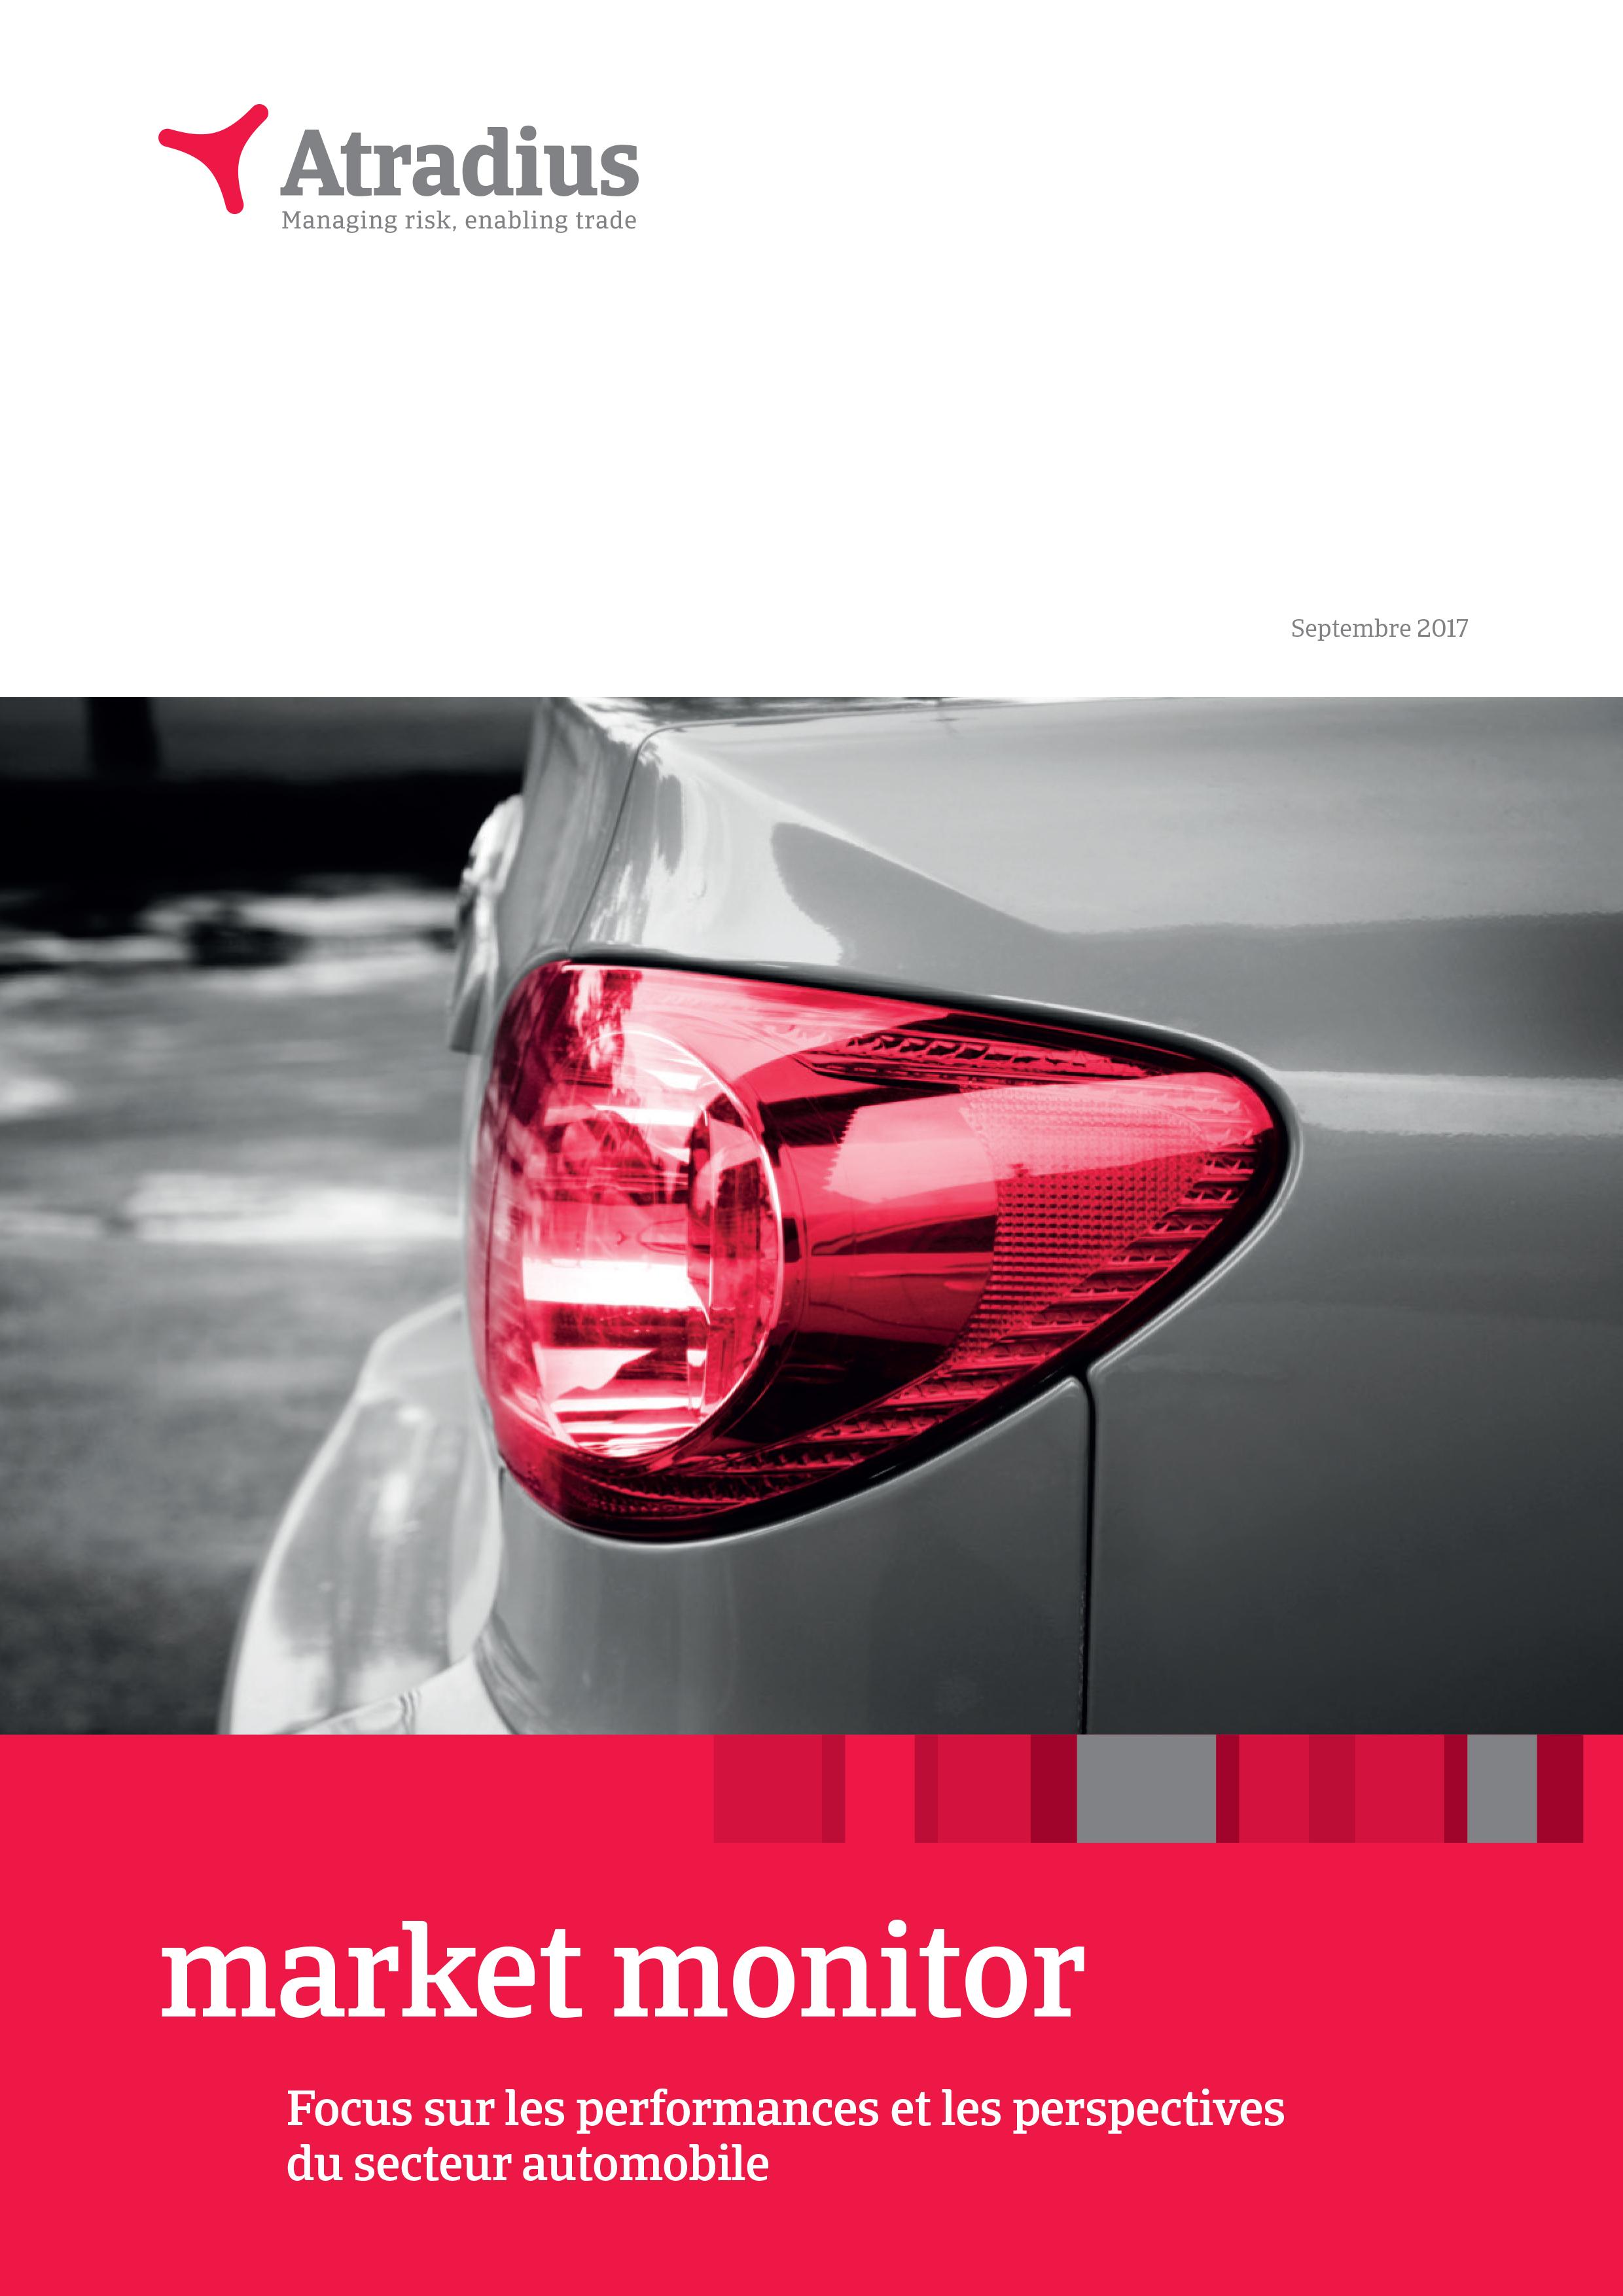 Focus sur les performances et les perspectives du secteur automobile